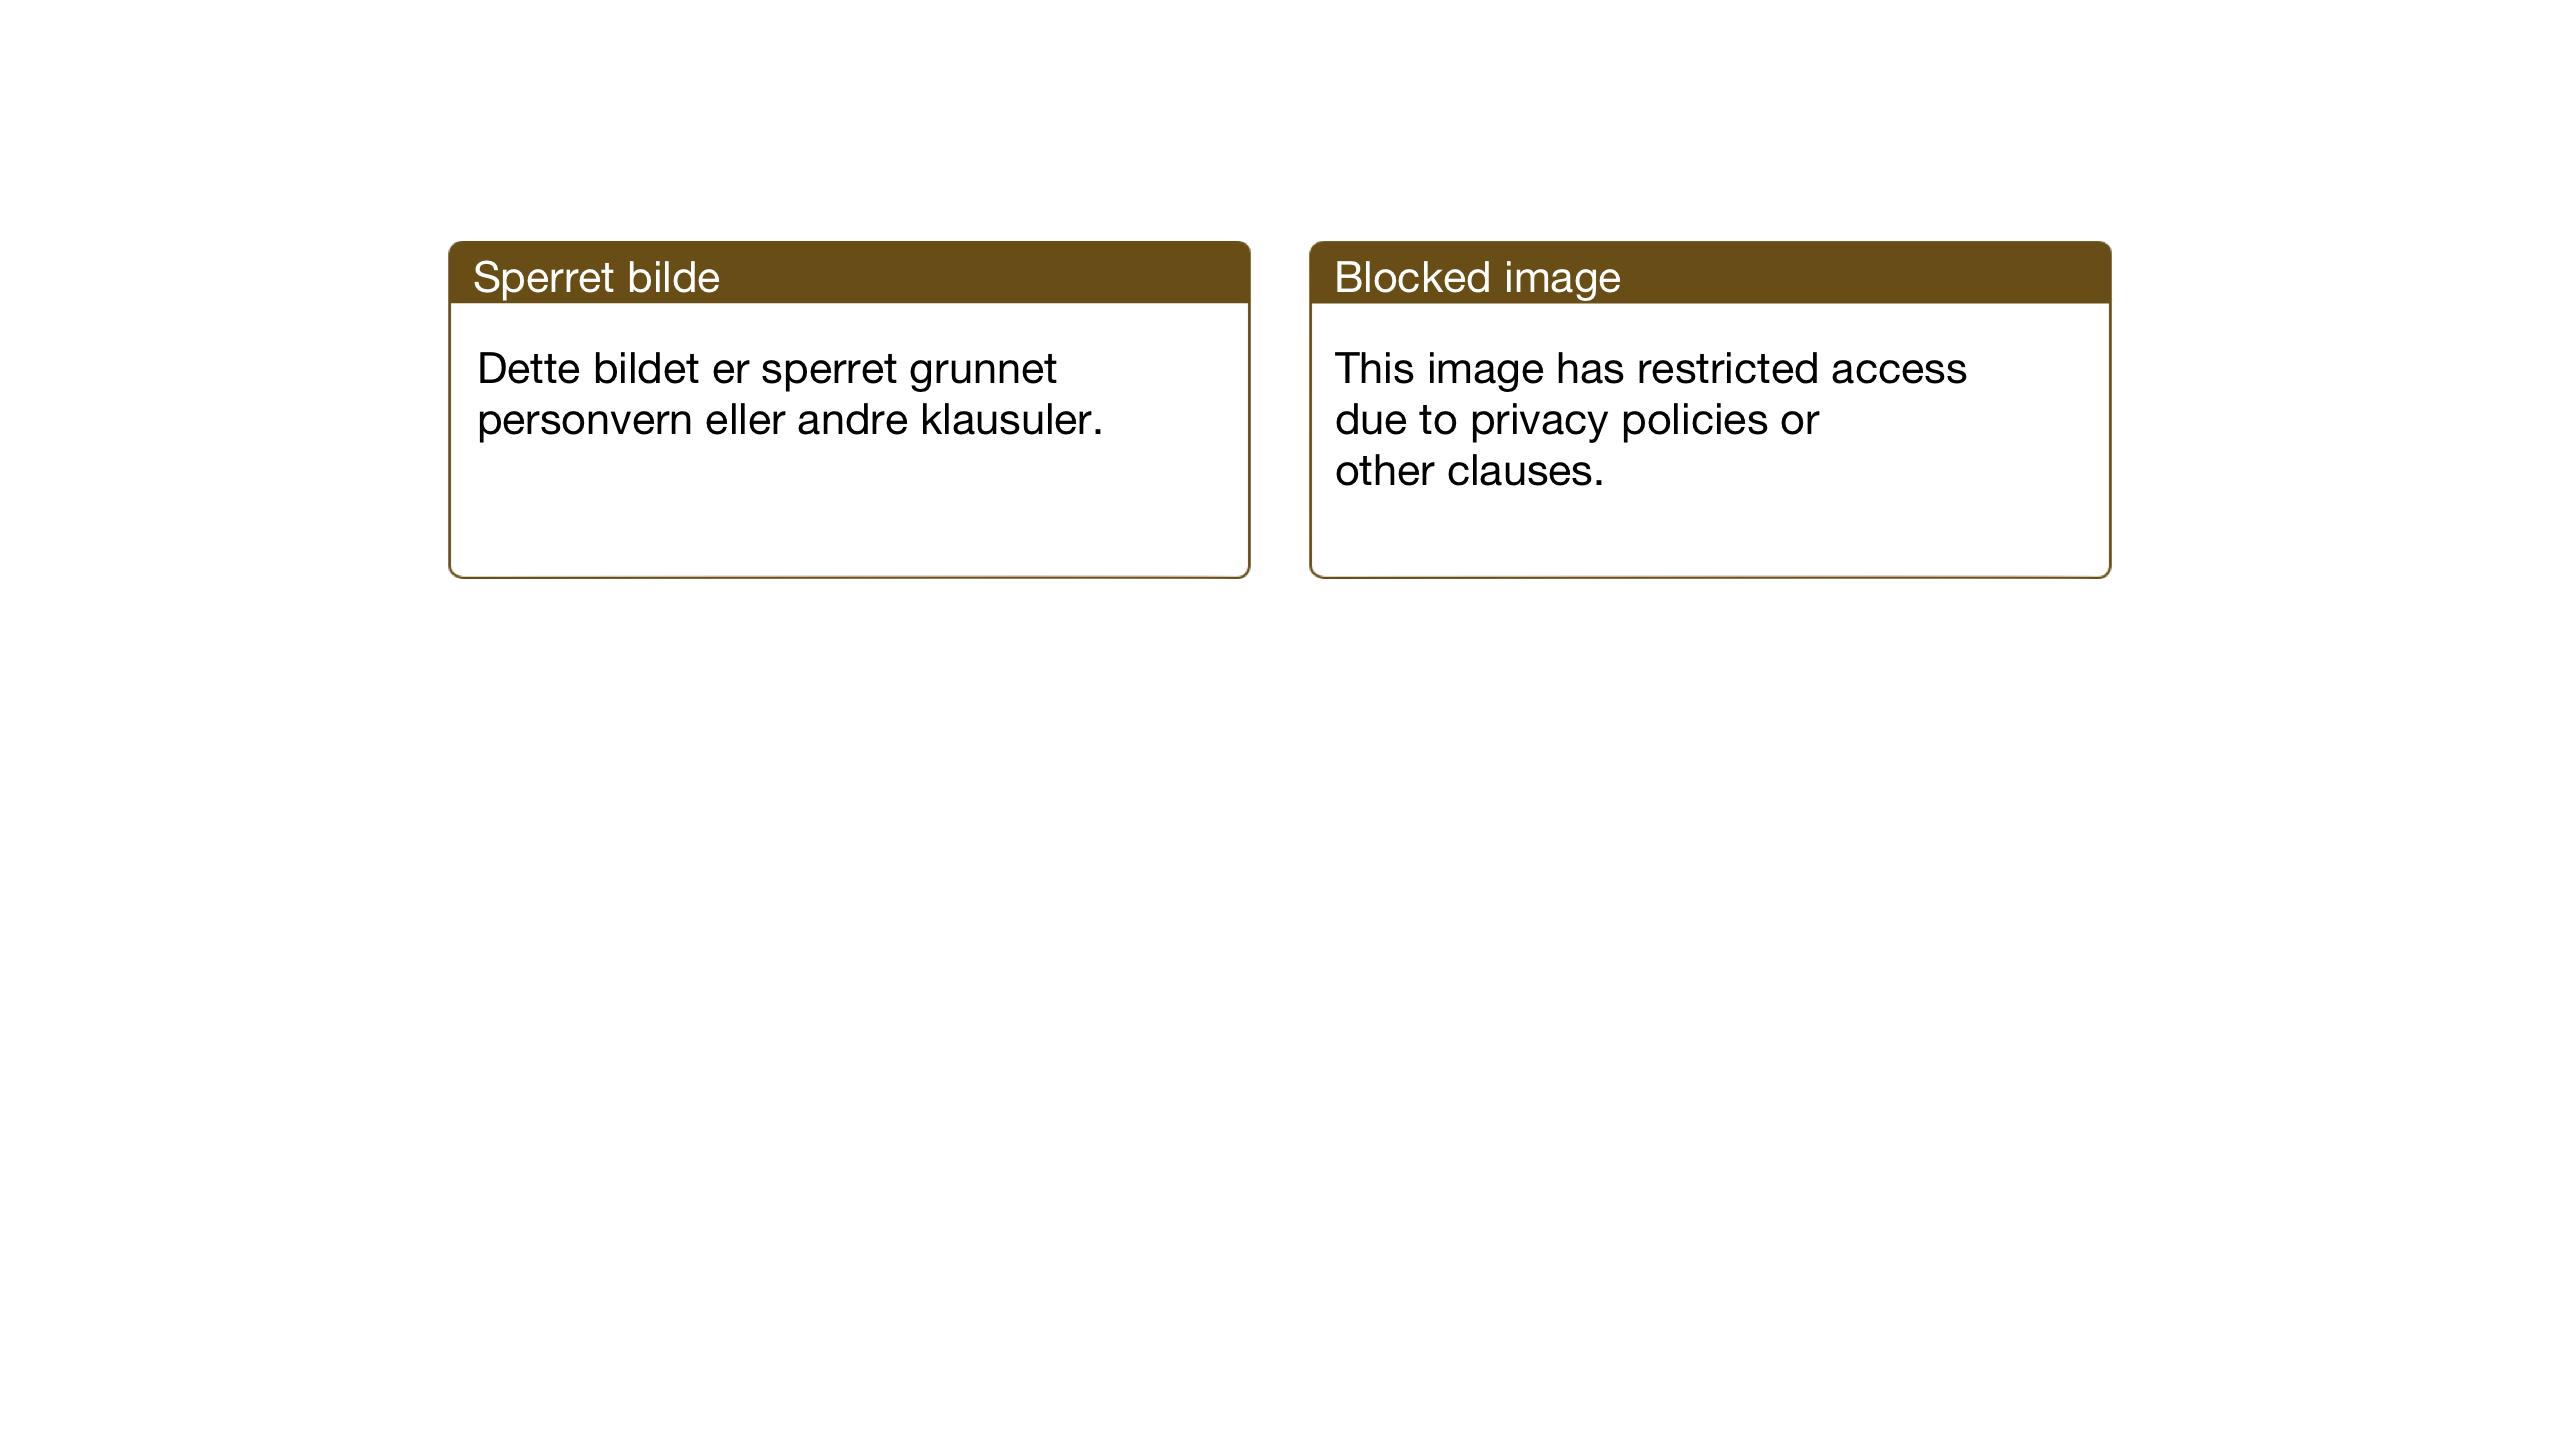 SAT, Ministerialprotokoller, klokkerbøker og fødselsregistre - Sør-Trøndelag, 686/L0986: Klokkerbok nr. 686C02, 1933-1950, s. 6